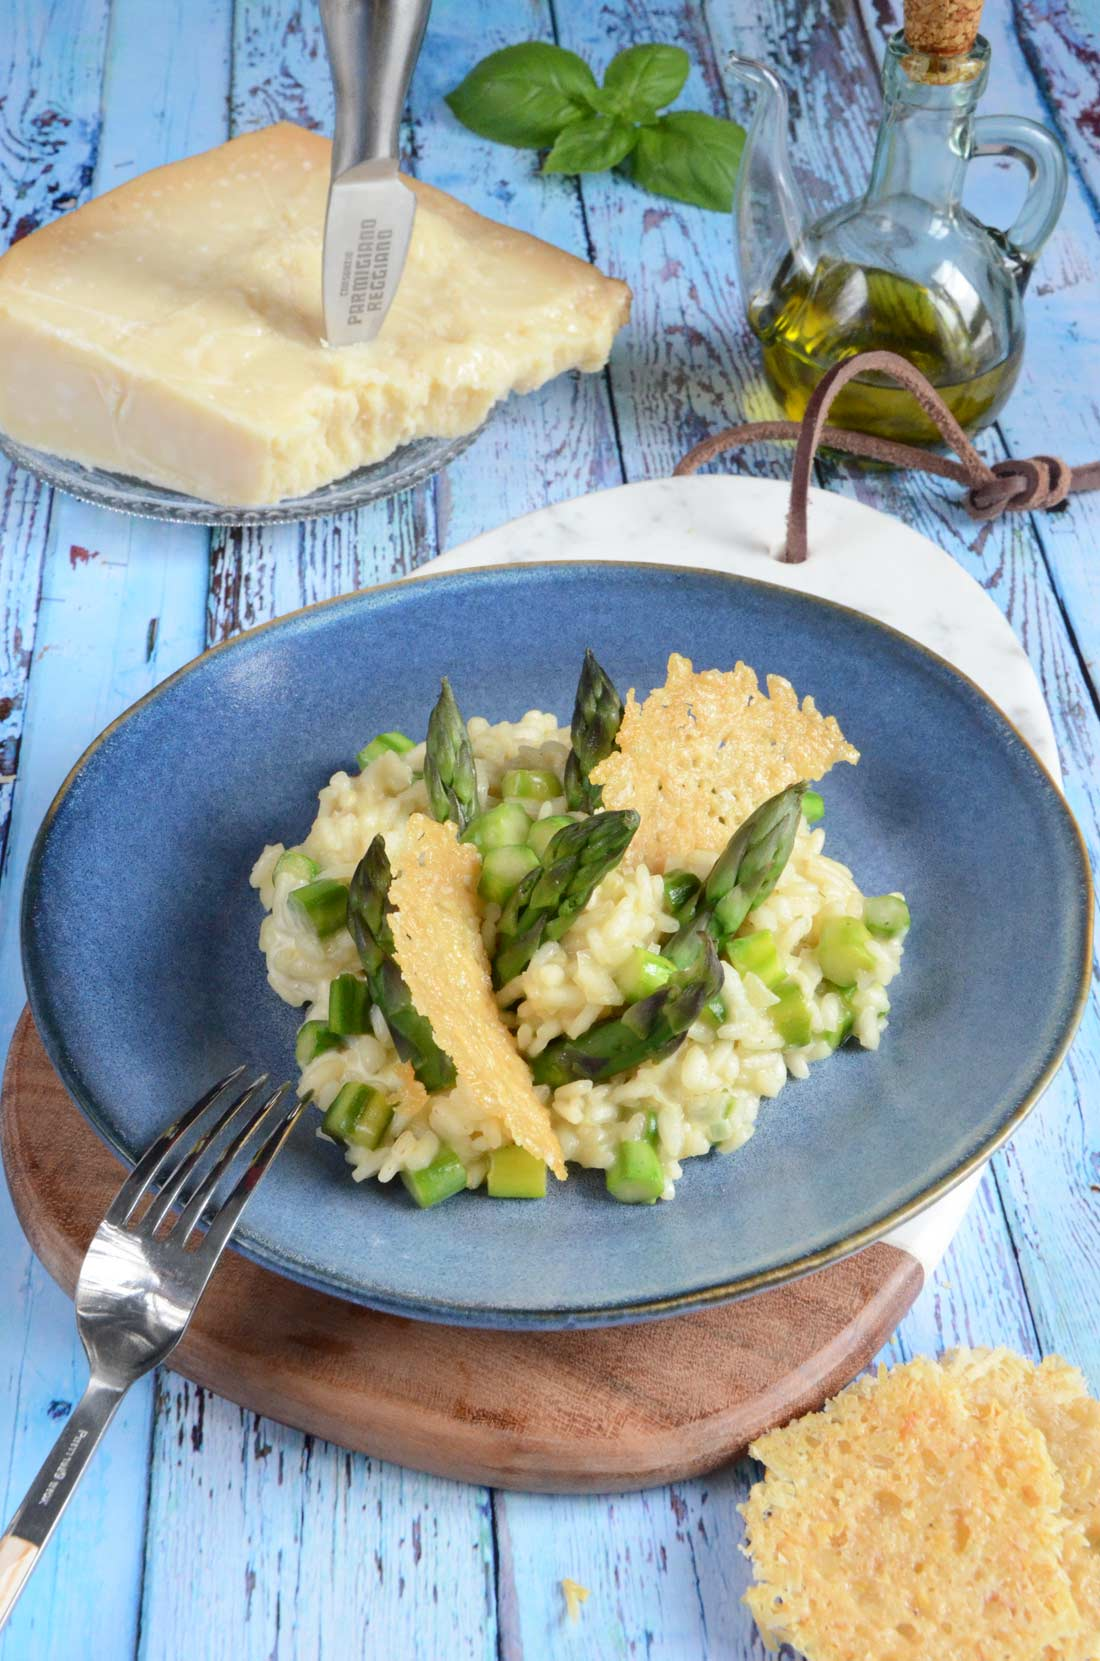 délicieuse recette de risotto aux asperges, tuile au parmesan